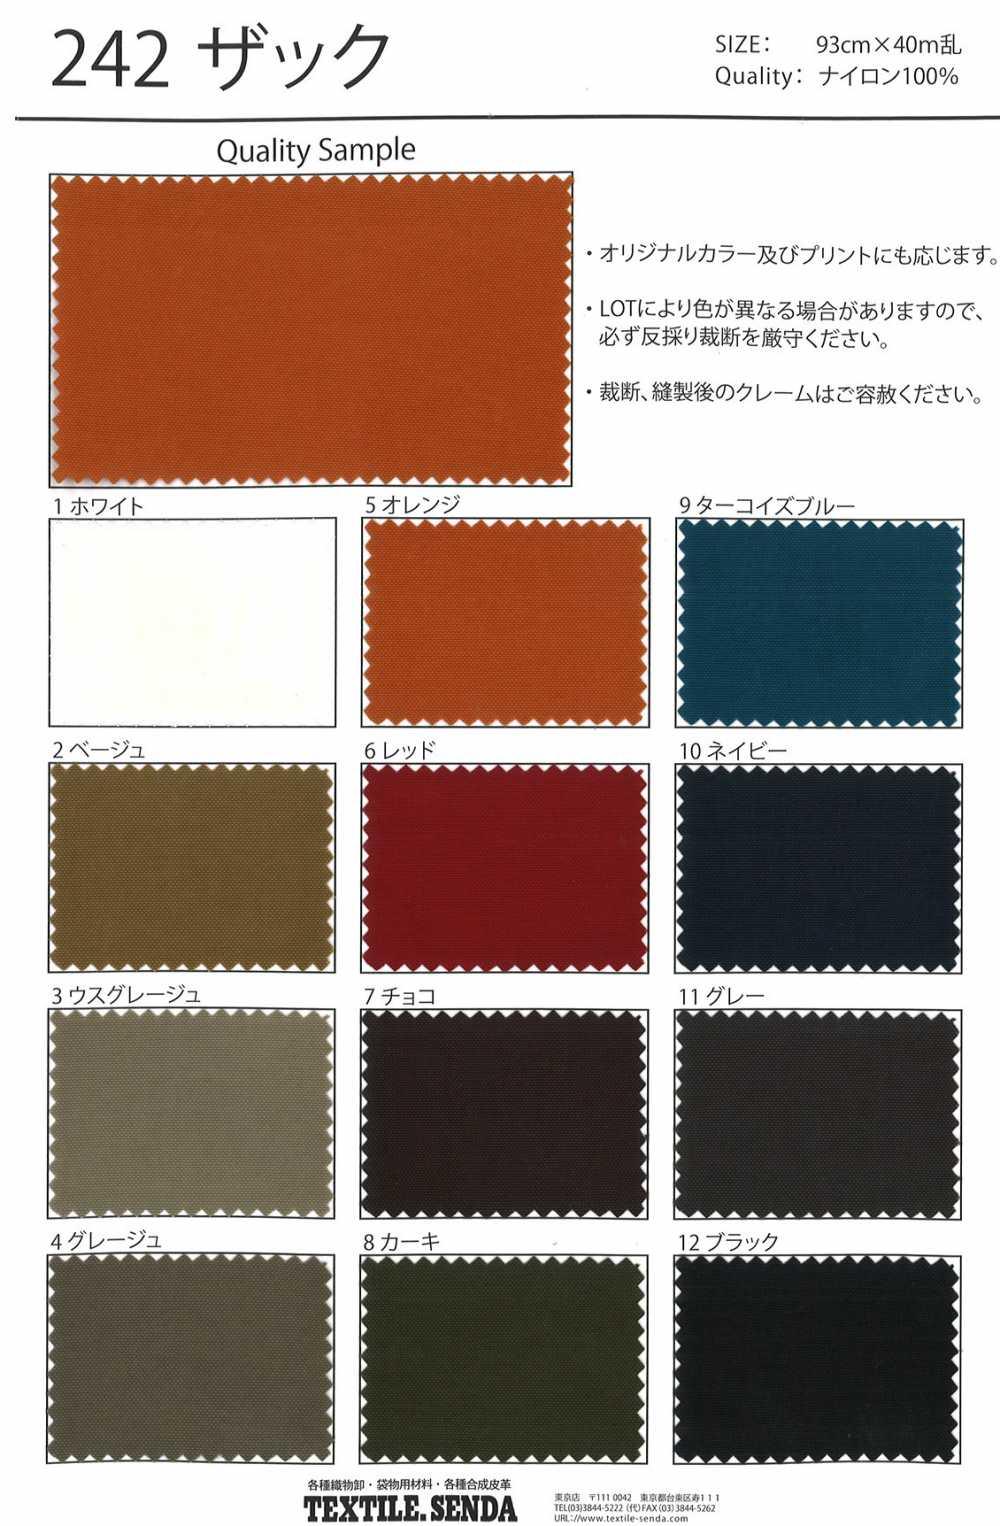 242 ザック[生地] 仙田/オークラ商事 - ApparelX アパレル資材卸通販